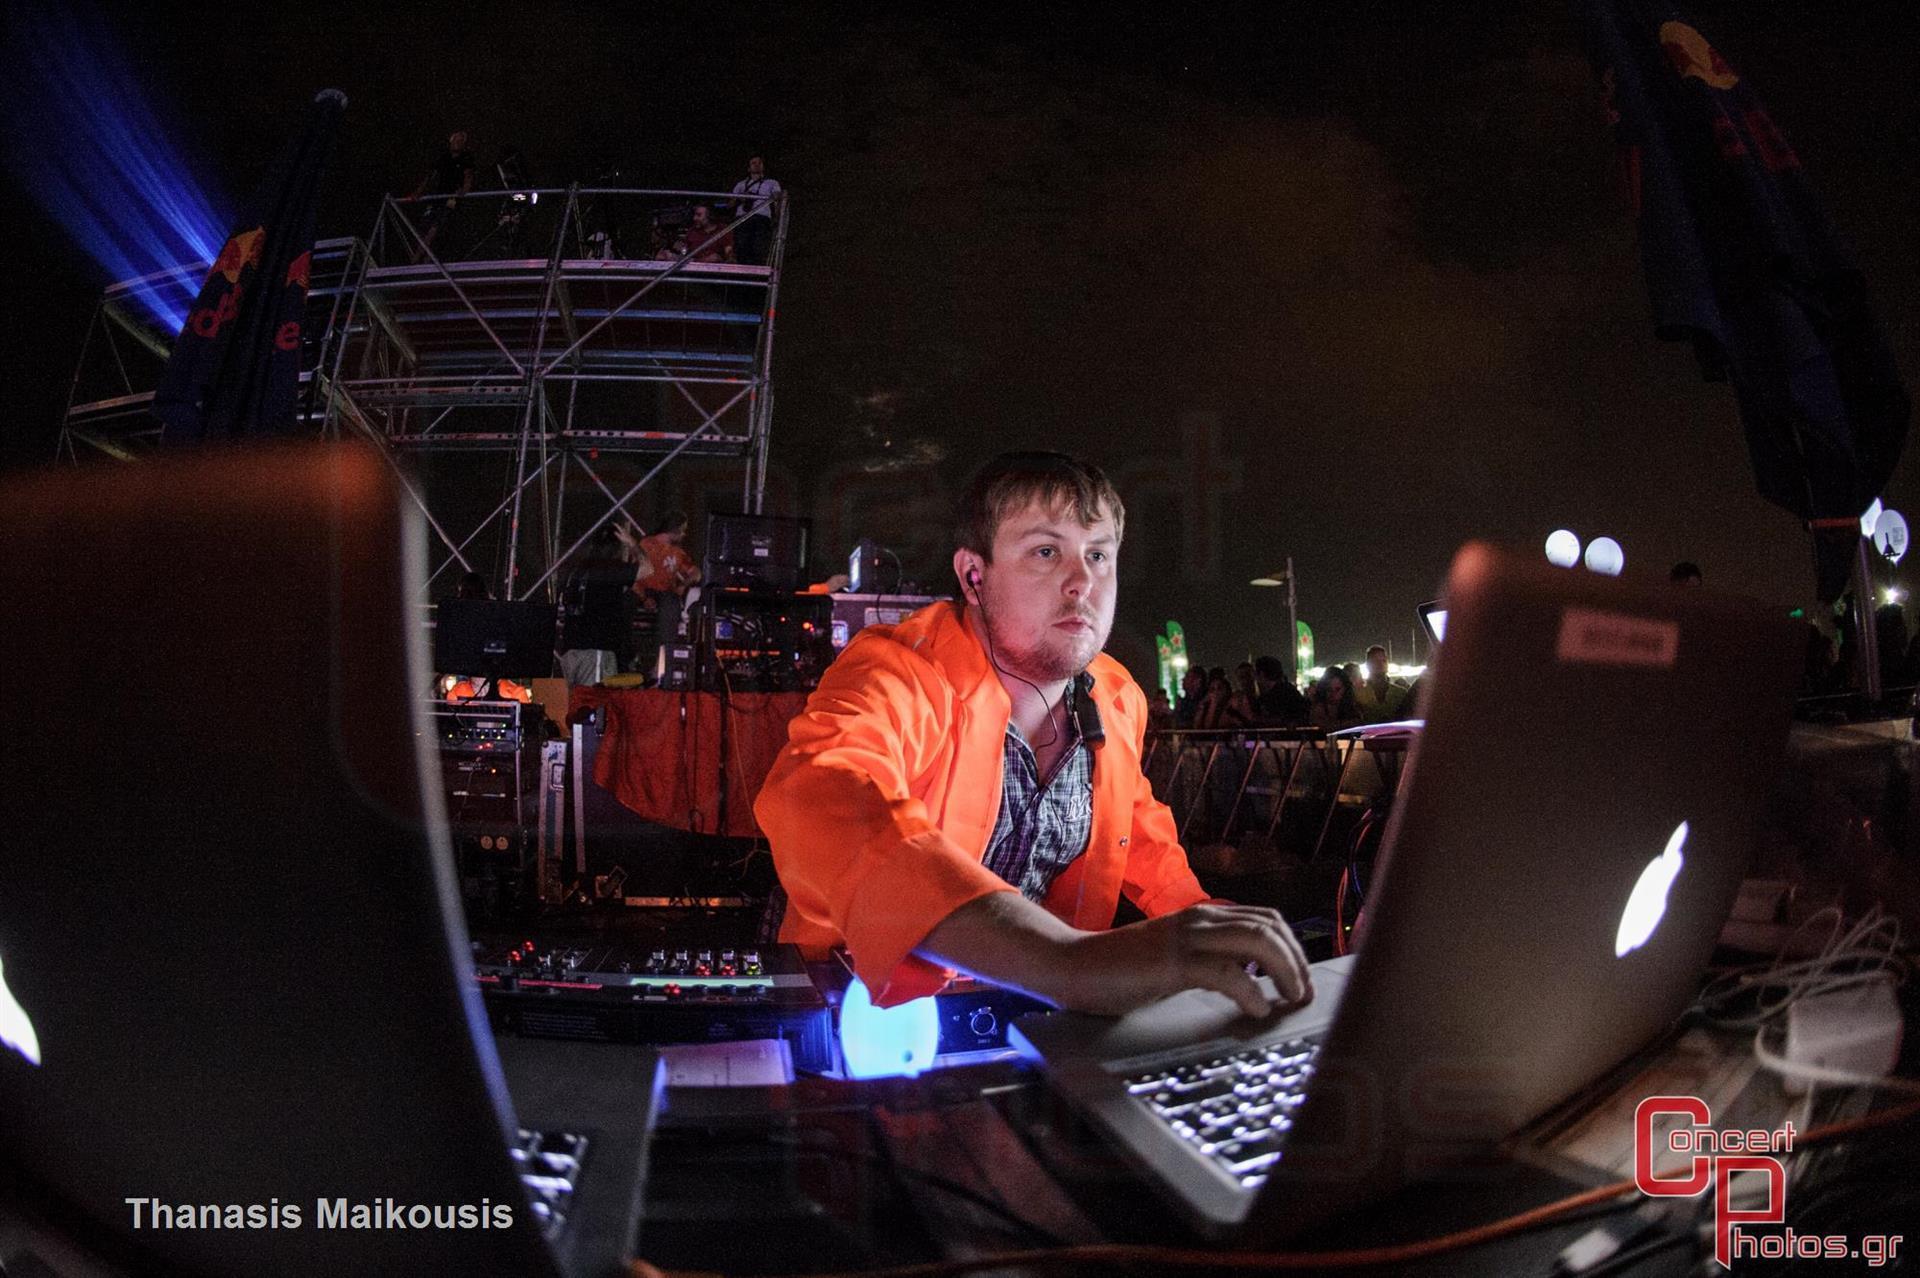 Pet Shop Boys-Pet Shop Boys photographer: Thanasis Maikousis - concertphotos_-9763